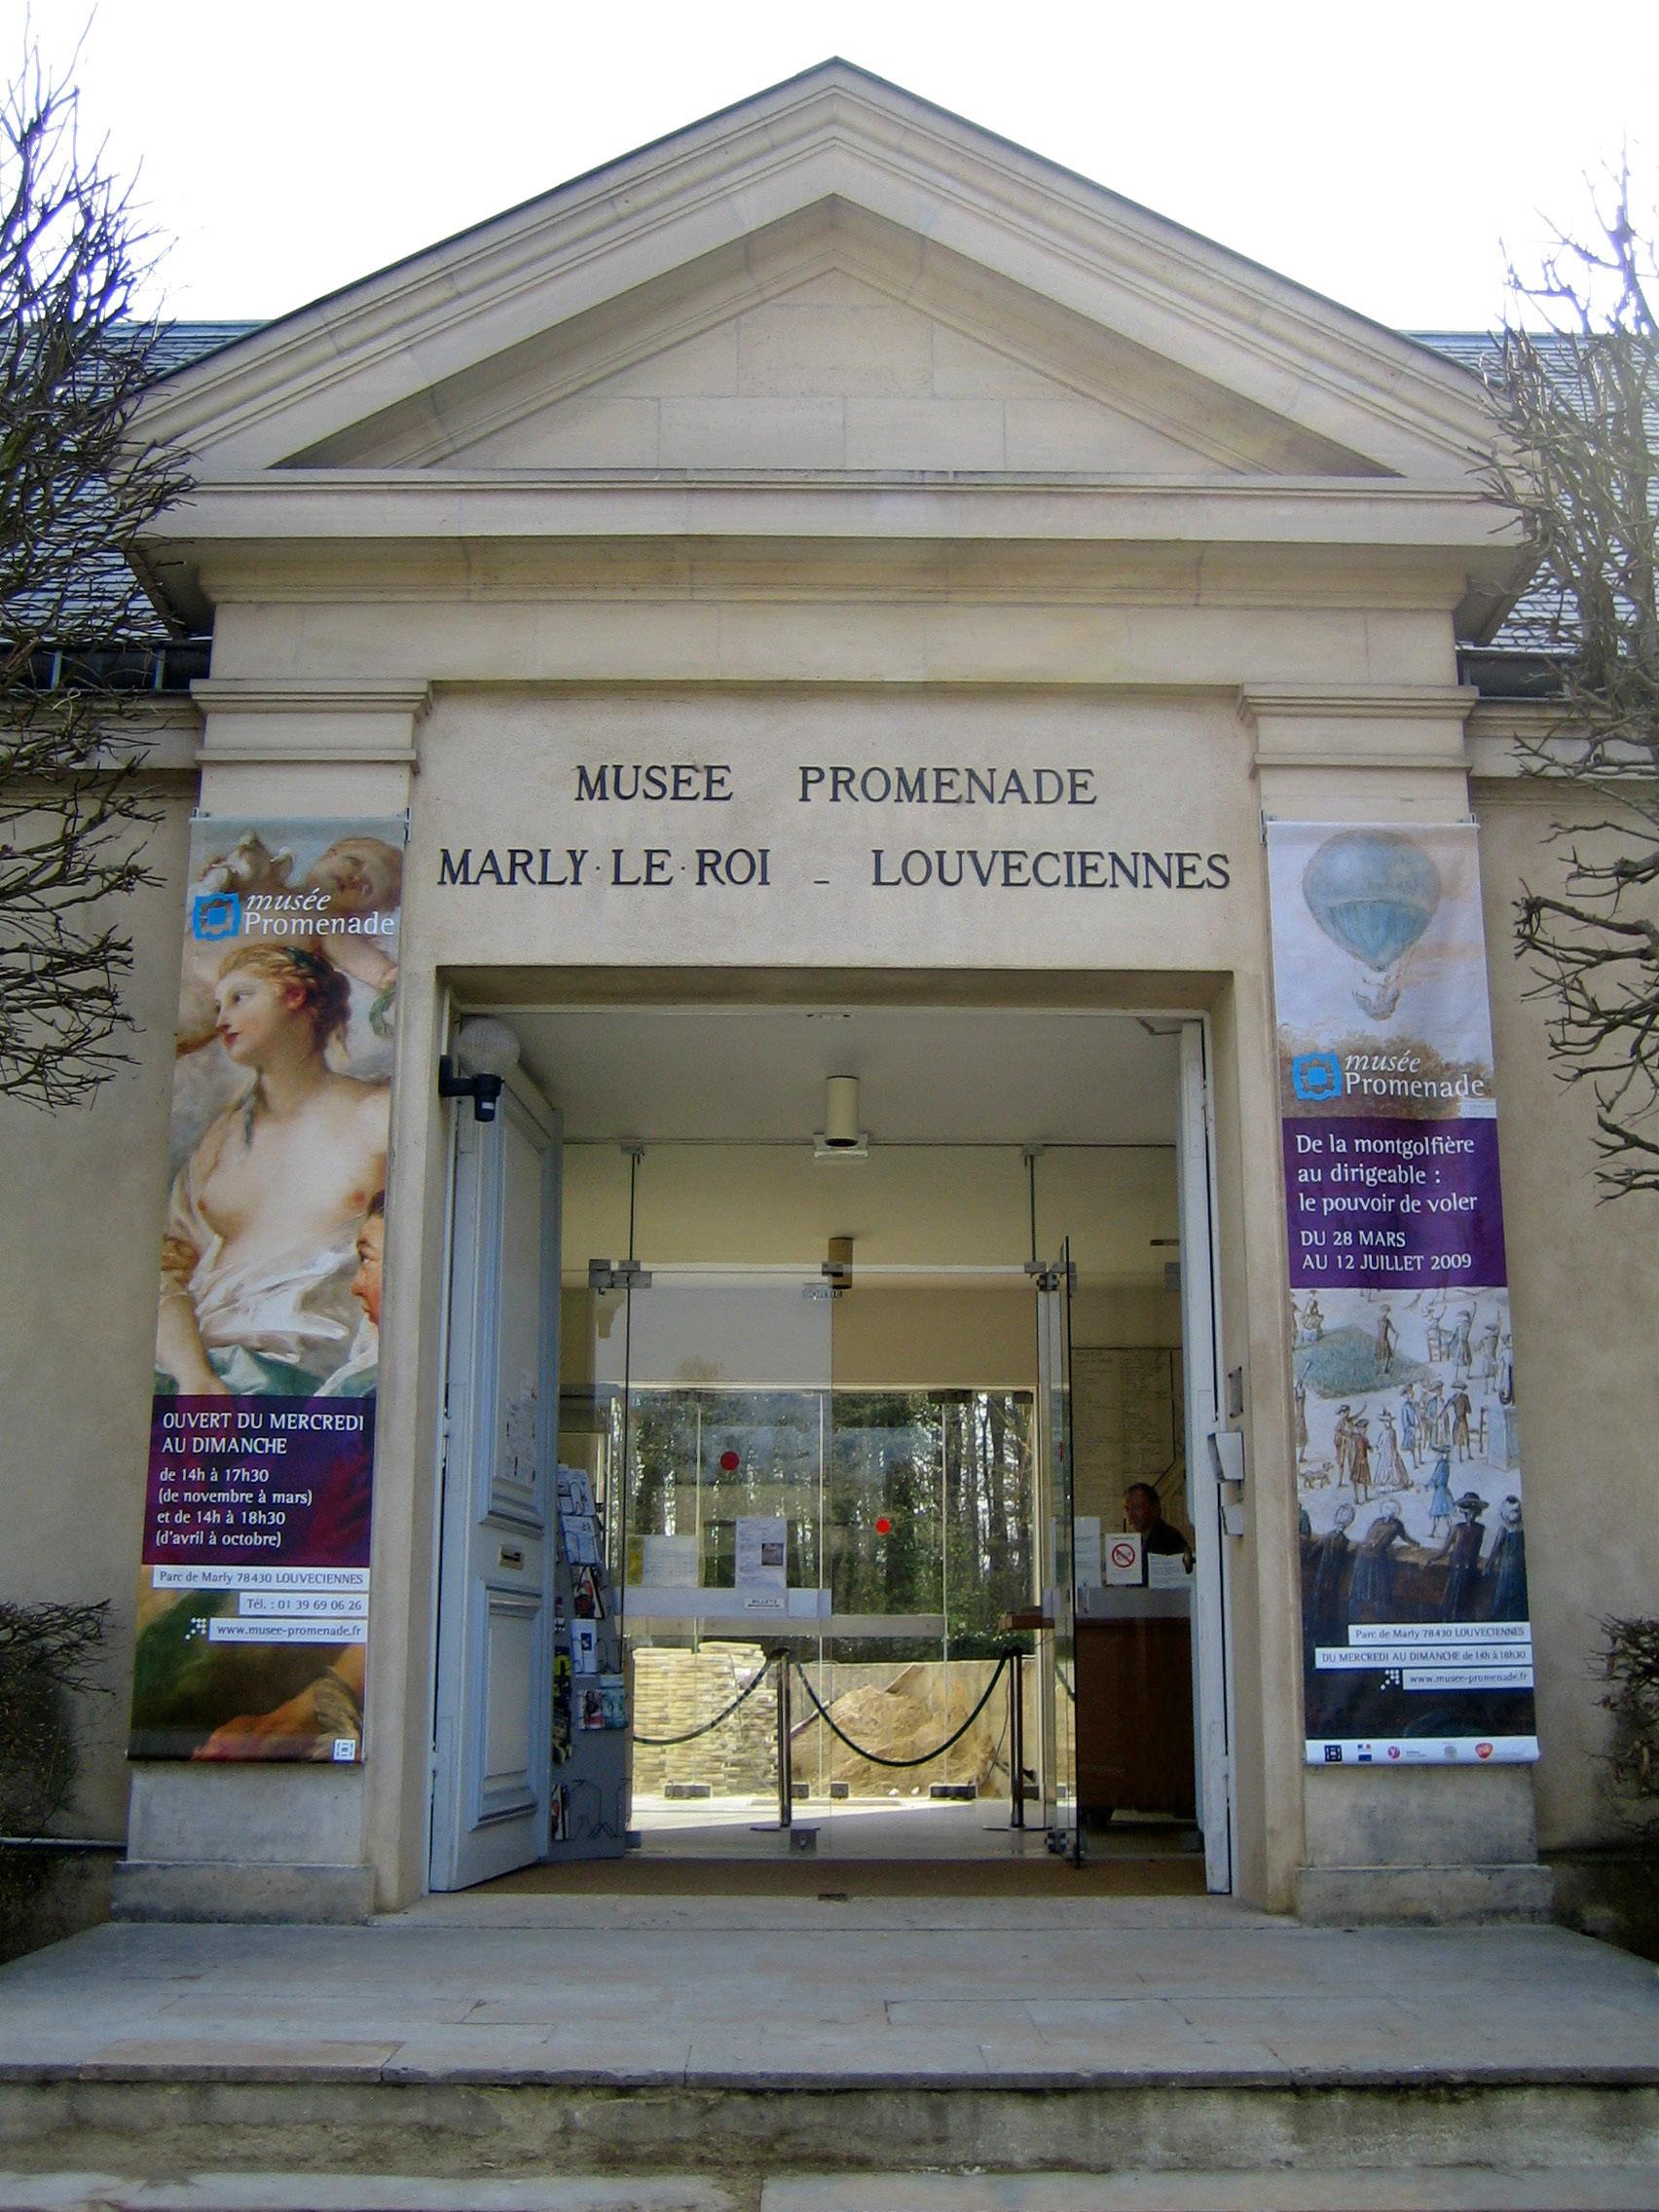 Défilé au Musée Promenade de Marly-le-Roi - Louveciennes